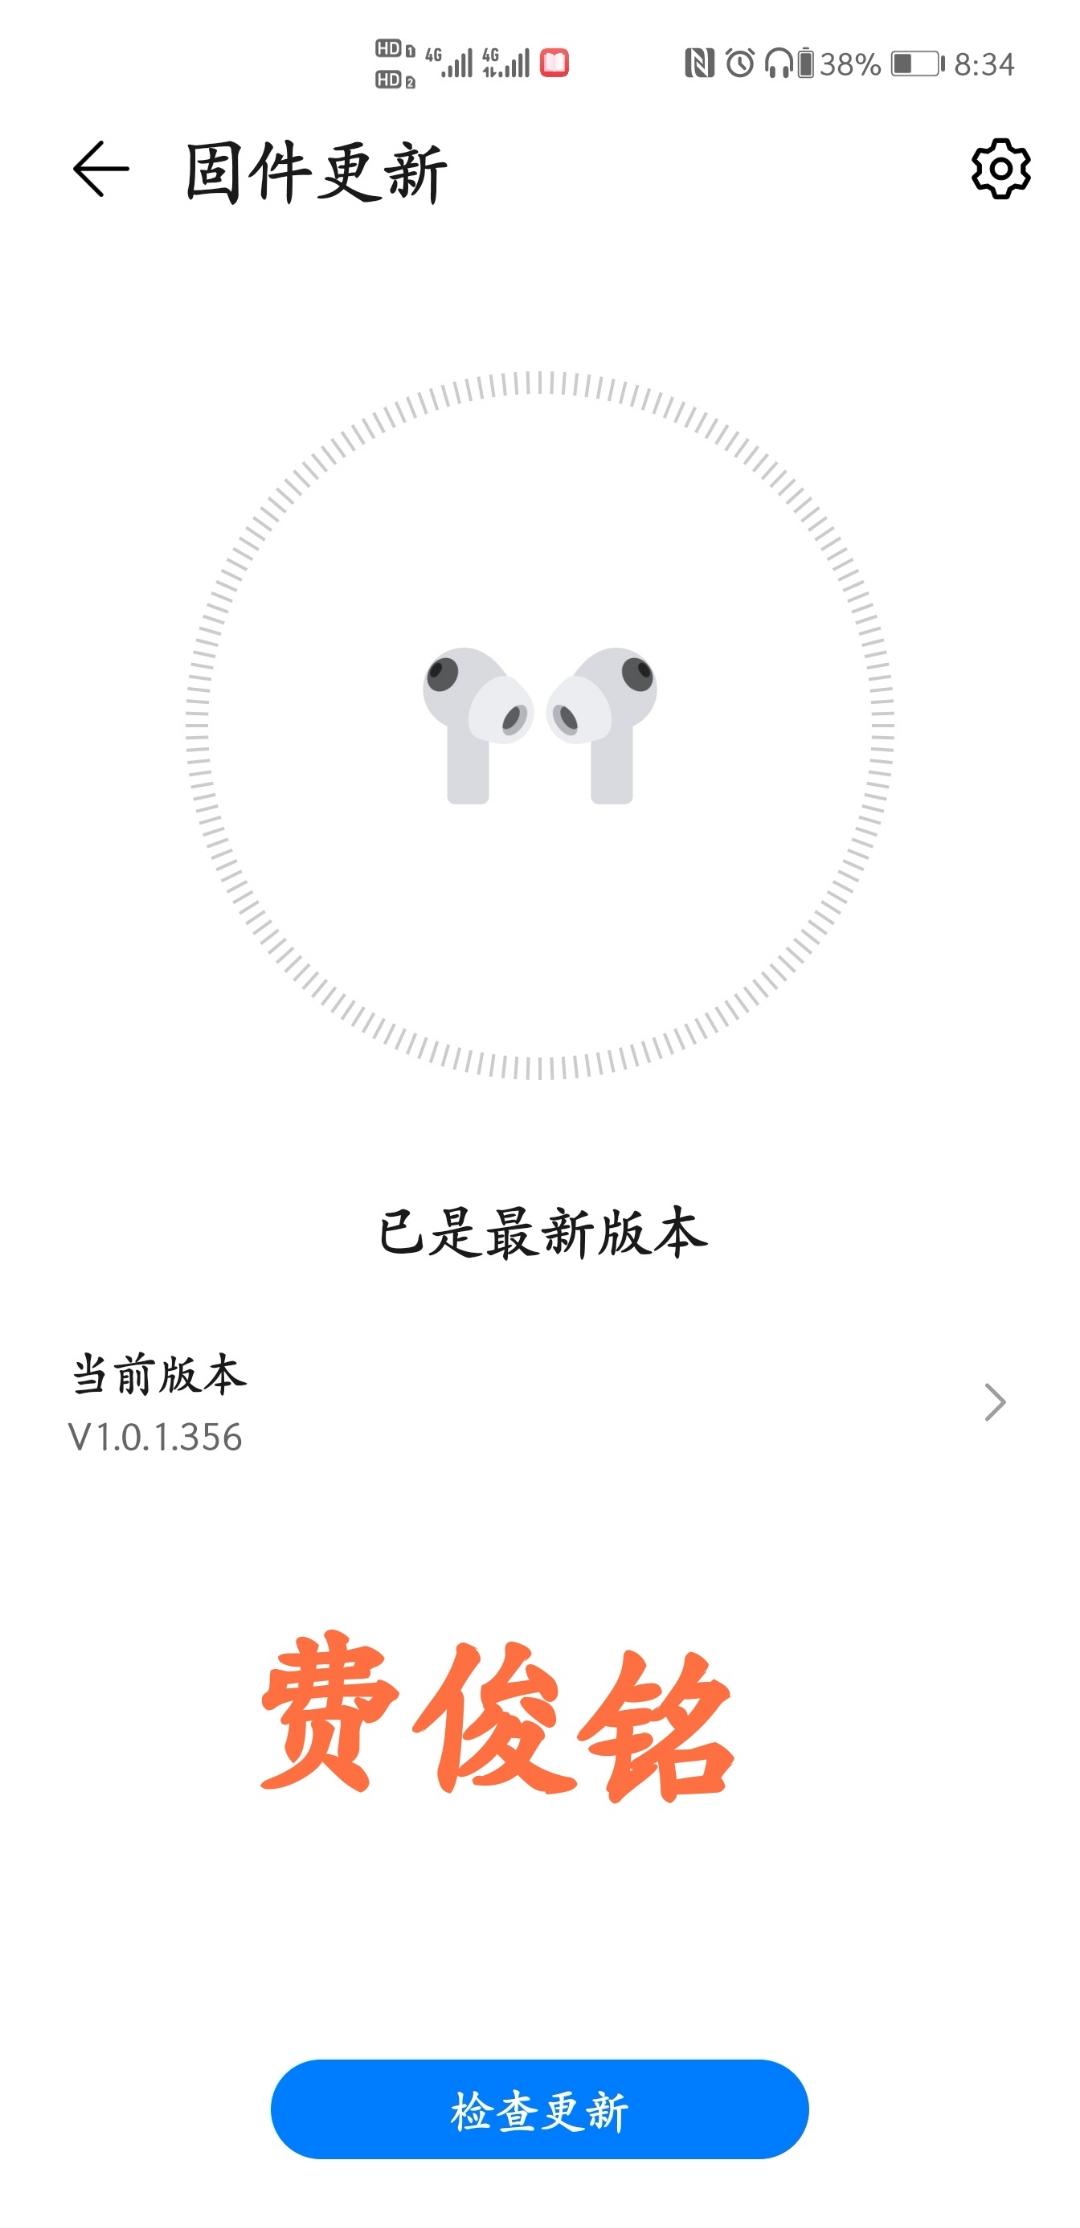 Screenshot_20210404_021633.jpg